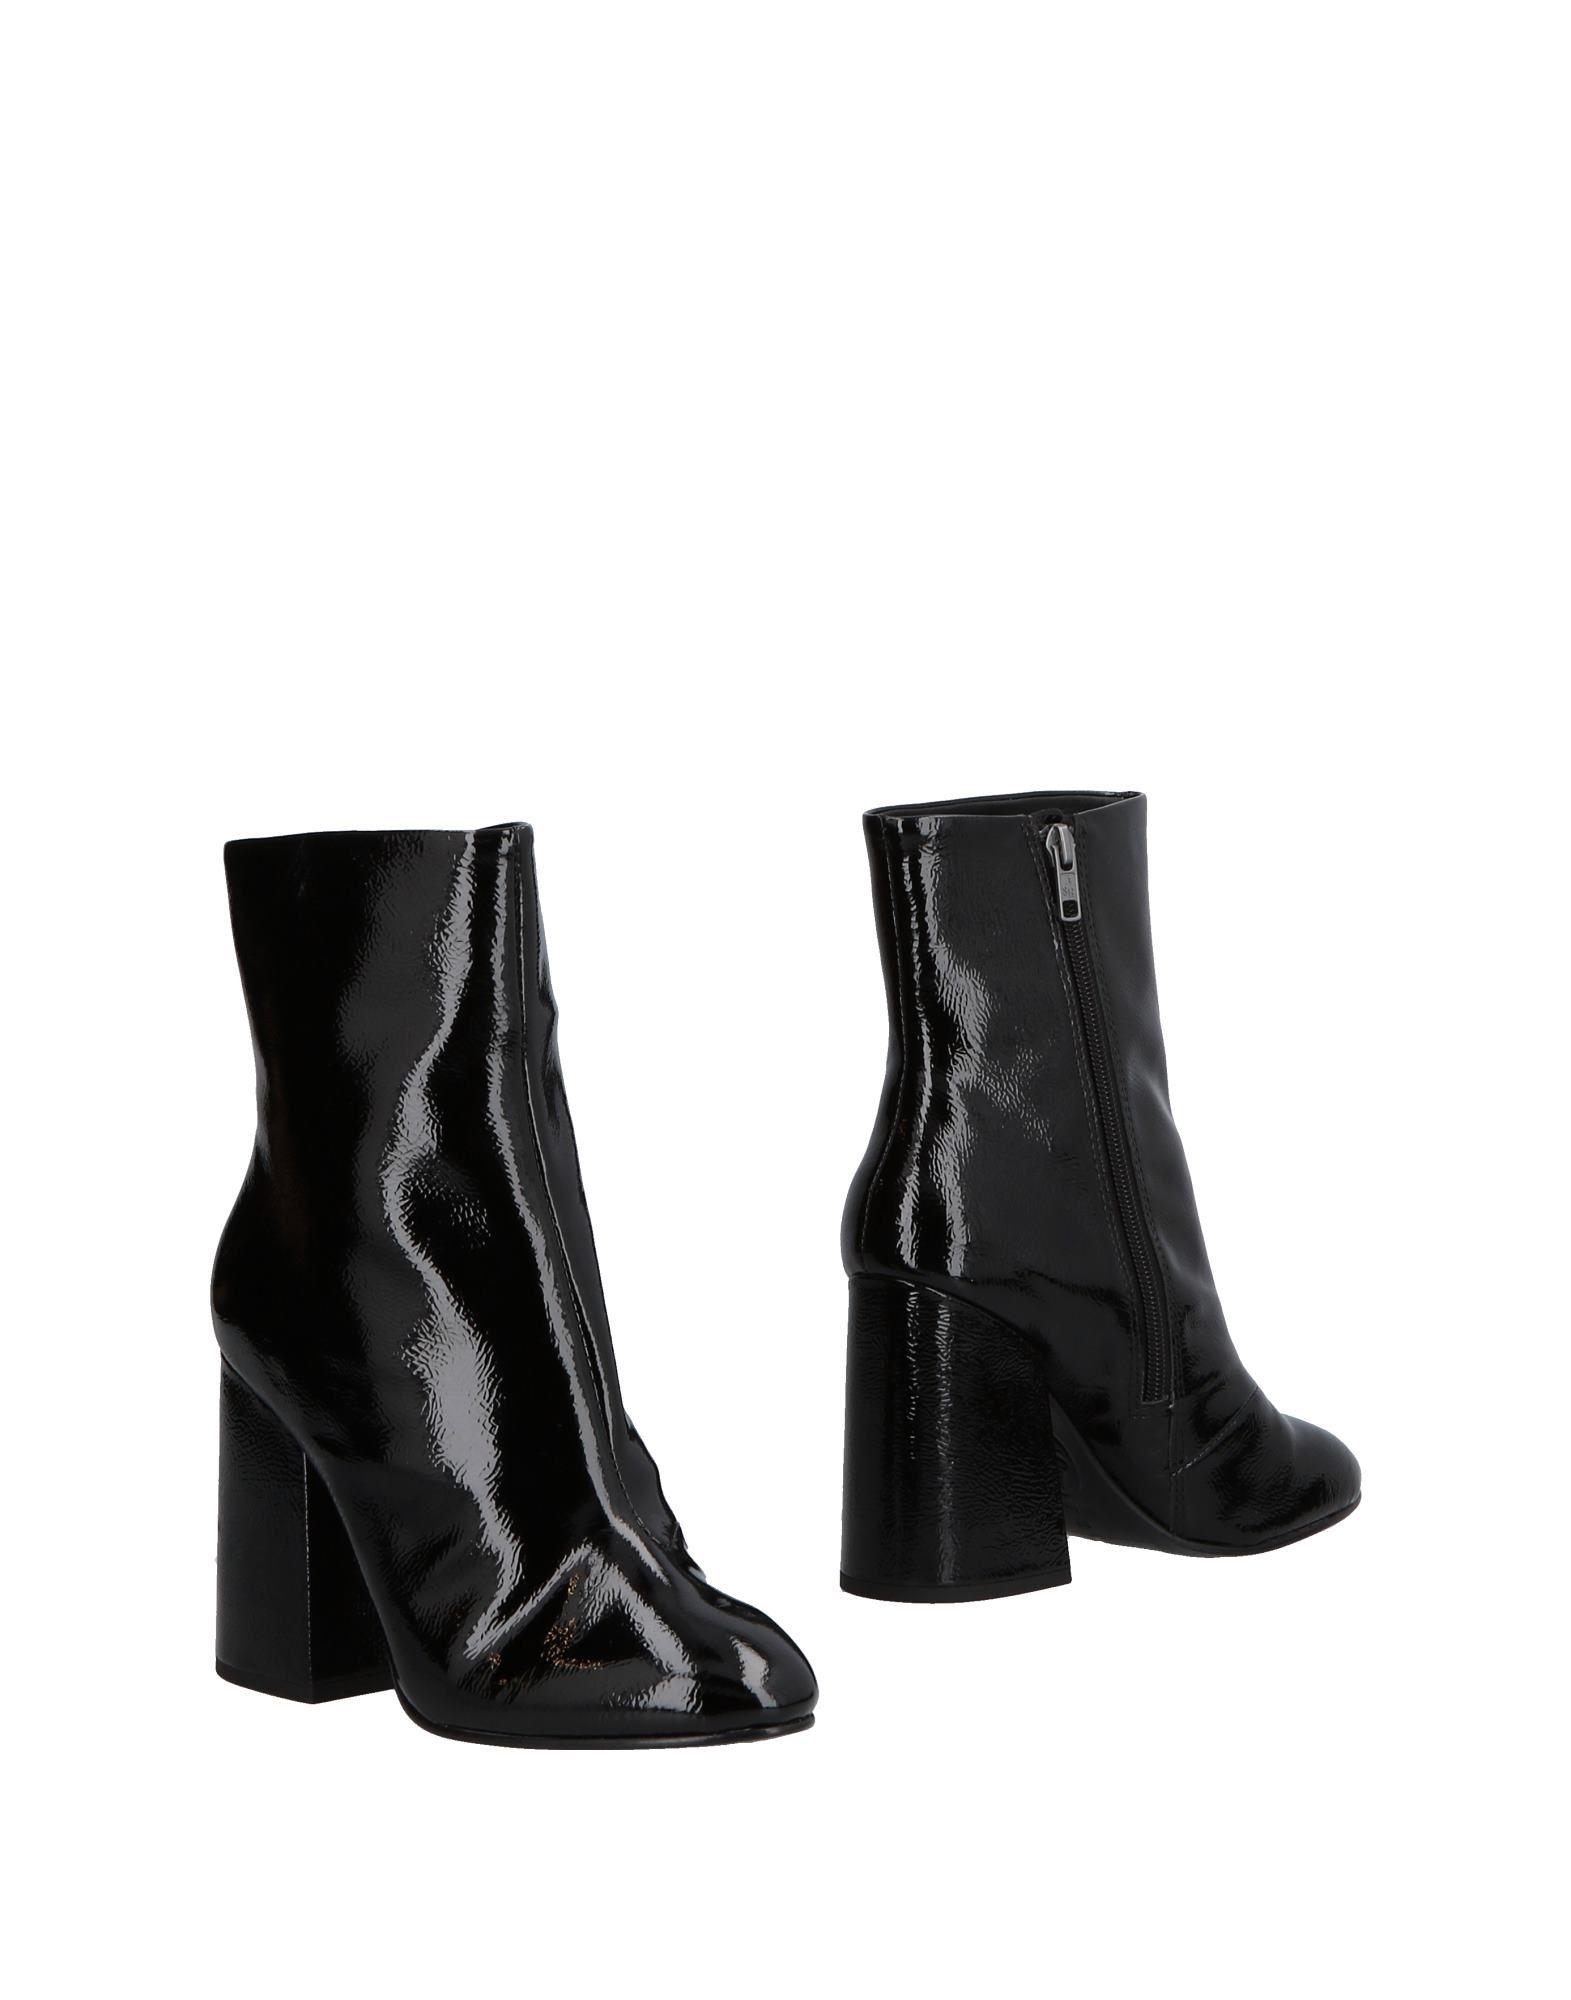 Moda Stivaletti Ash Donna - 11504855CR